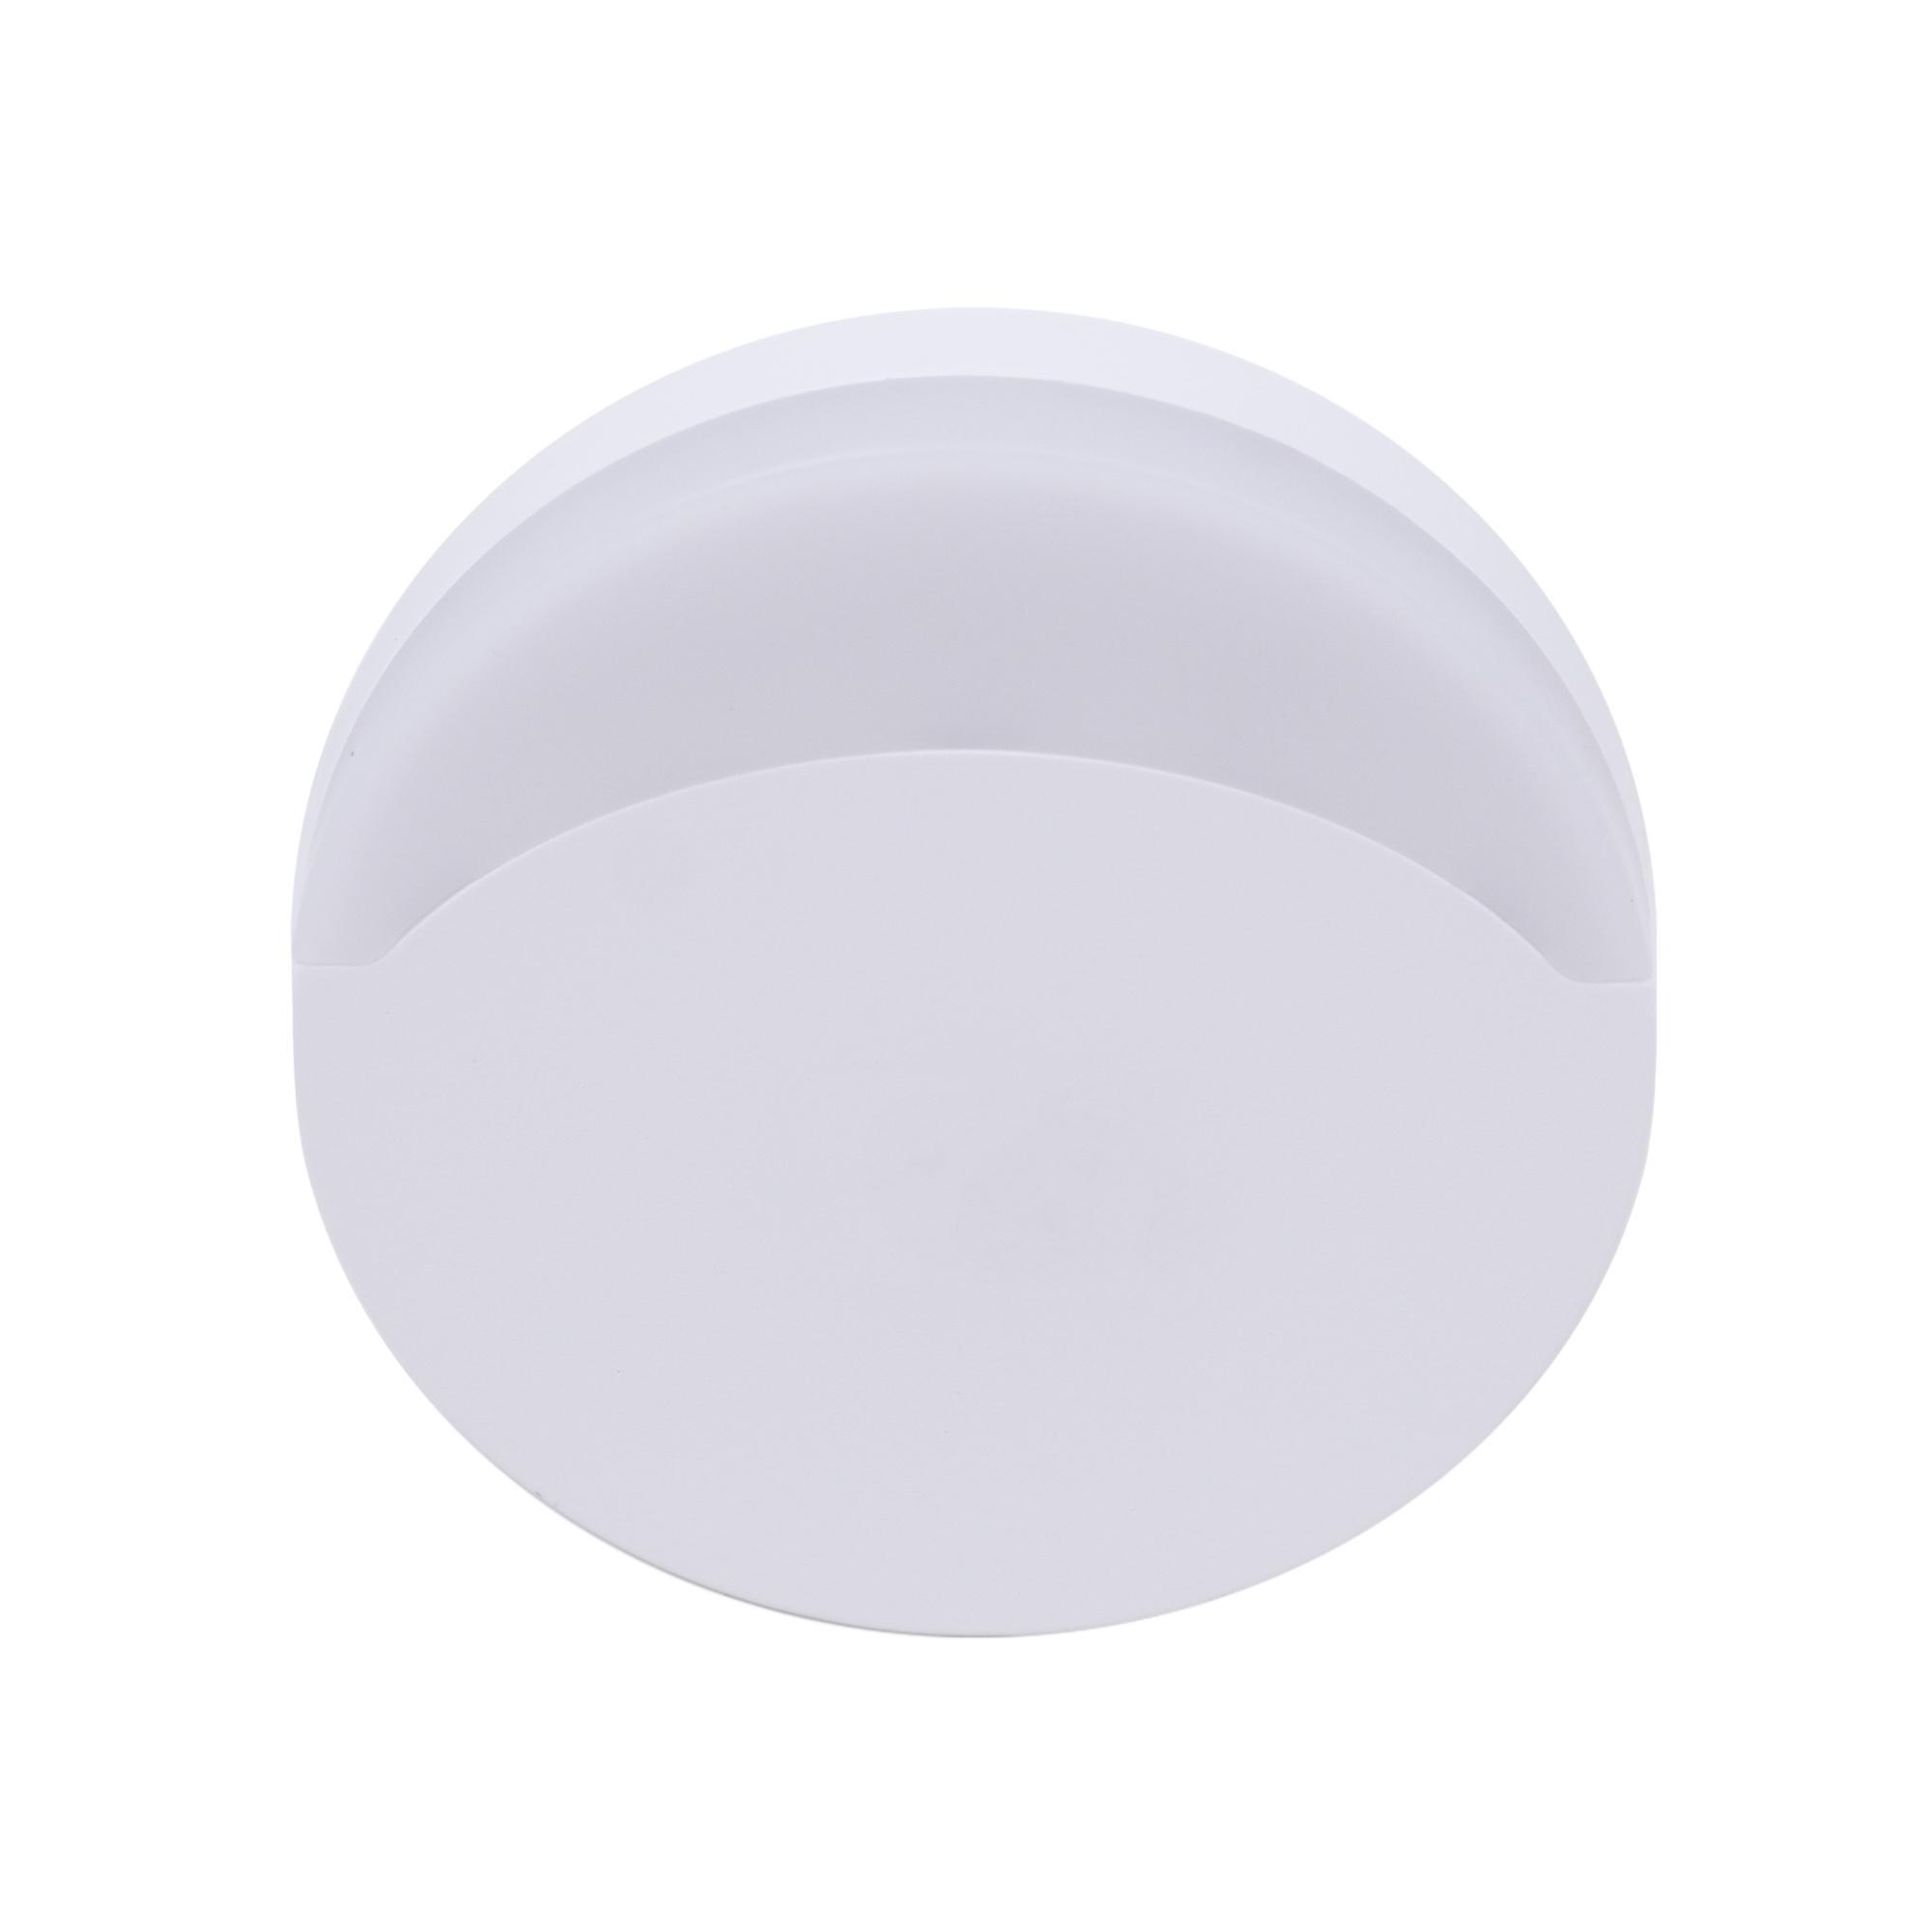 Светильник-ночник Старт Круг 1LED с датчиком освещенности